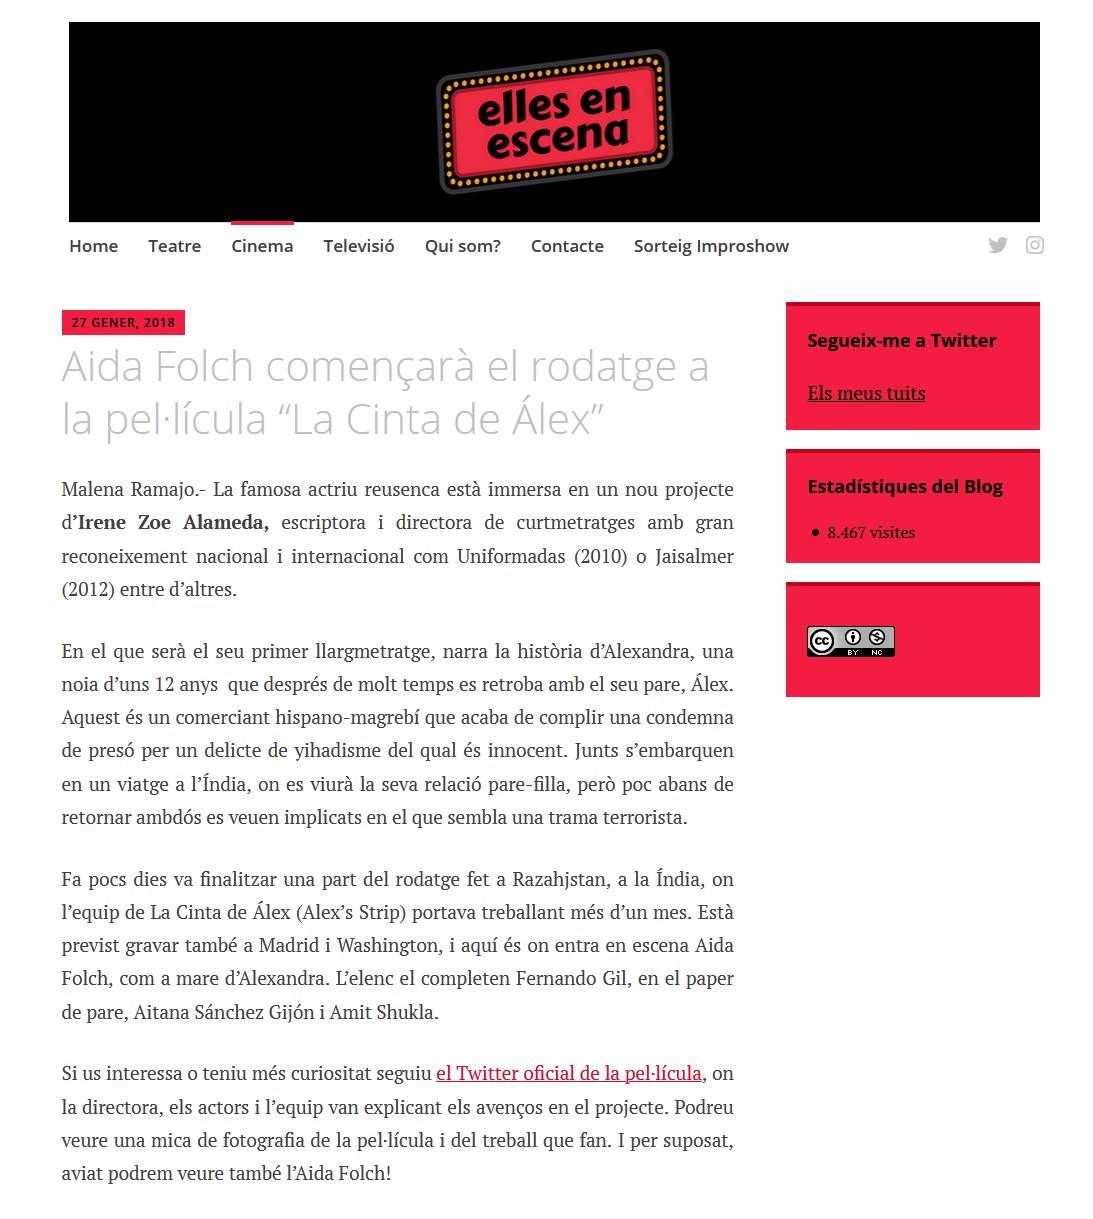 """Aida Folch començarà el rodatge a la pel·lícula """"La Cinta de Álex"""""""